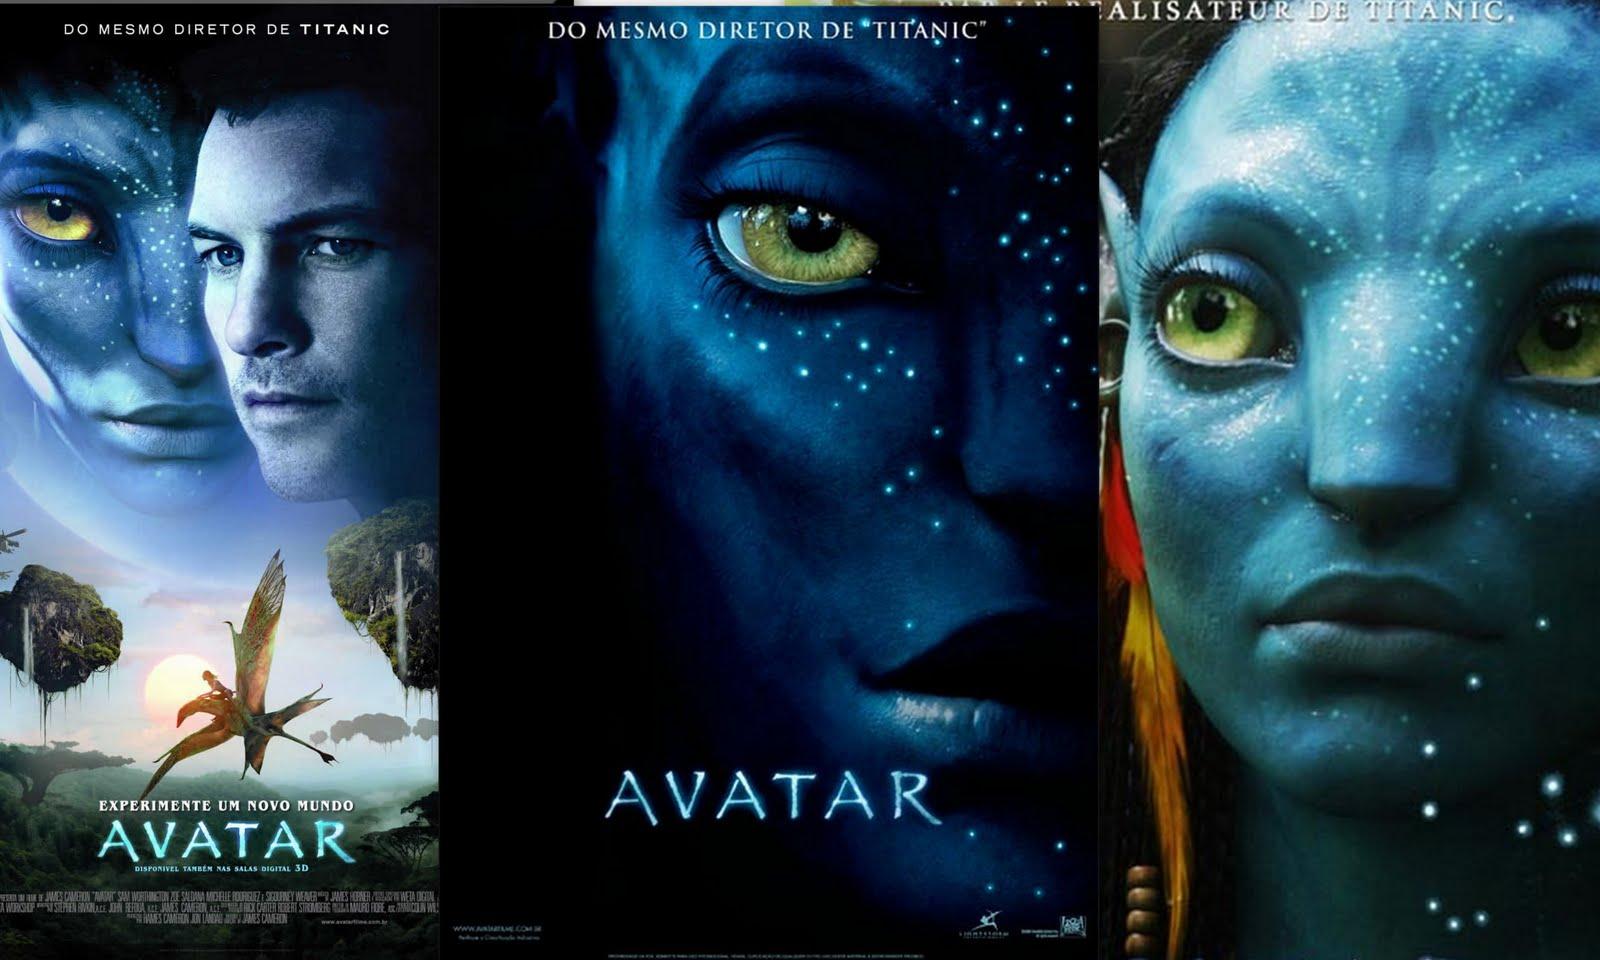 Blog Literário Filme O Melhor De Mim: Top 10 - Melhores Filmes Lançados Em 3D